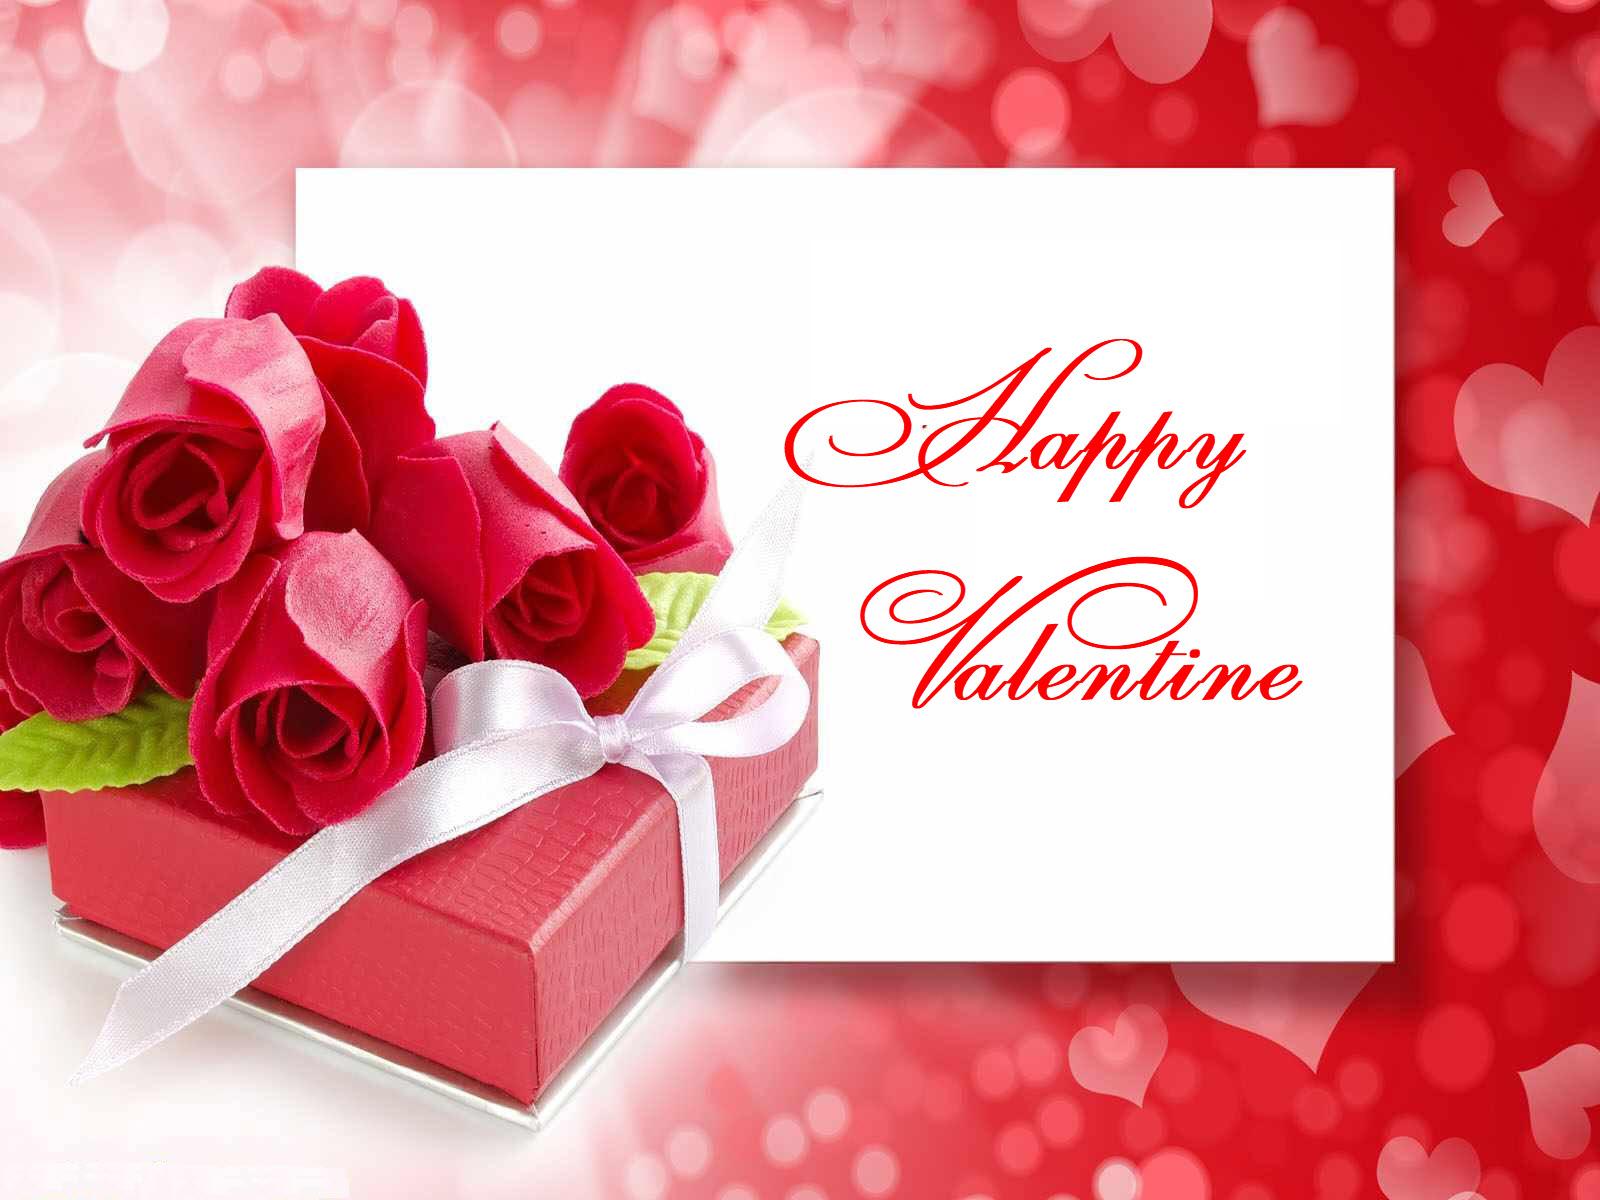 Ảnh đẹp chúc mừng ngày valentine đẹp